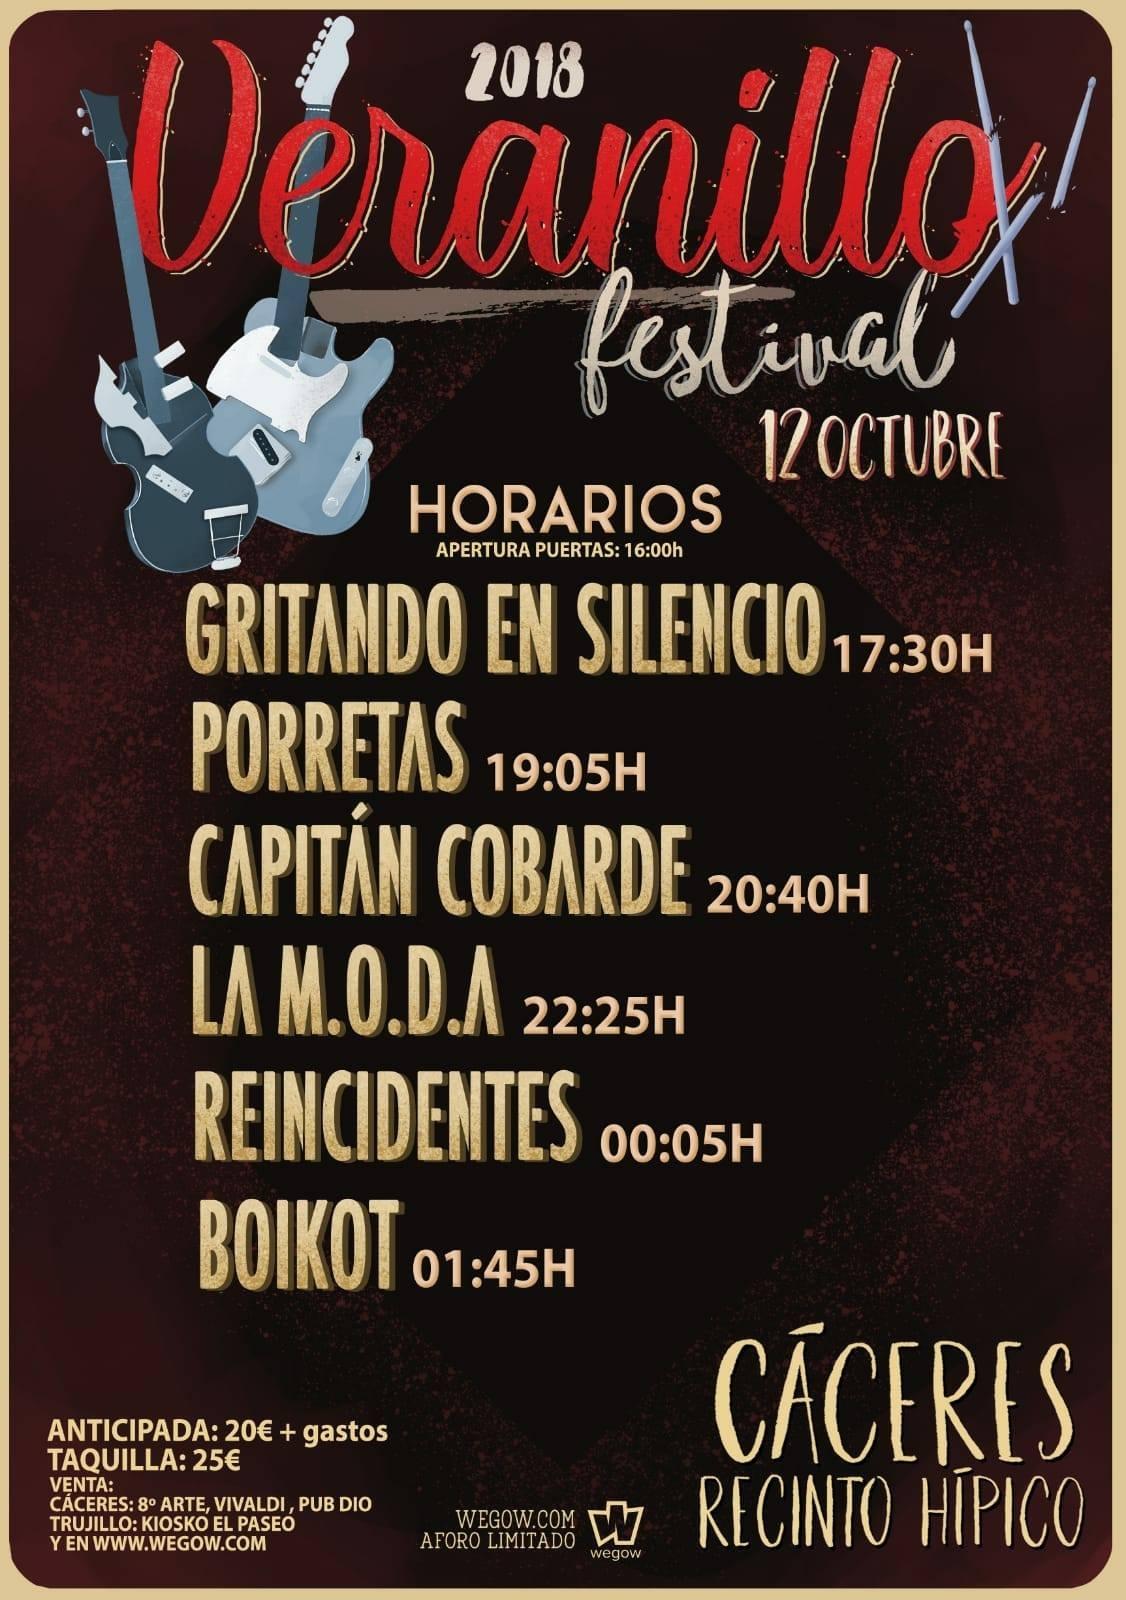 Veranillo Festival